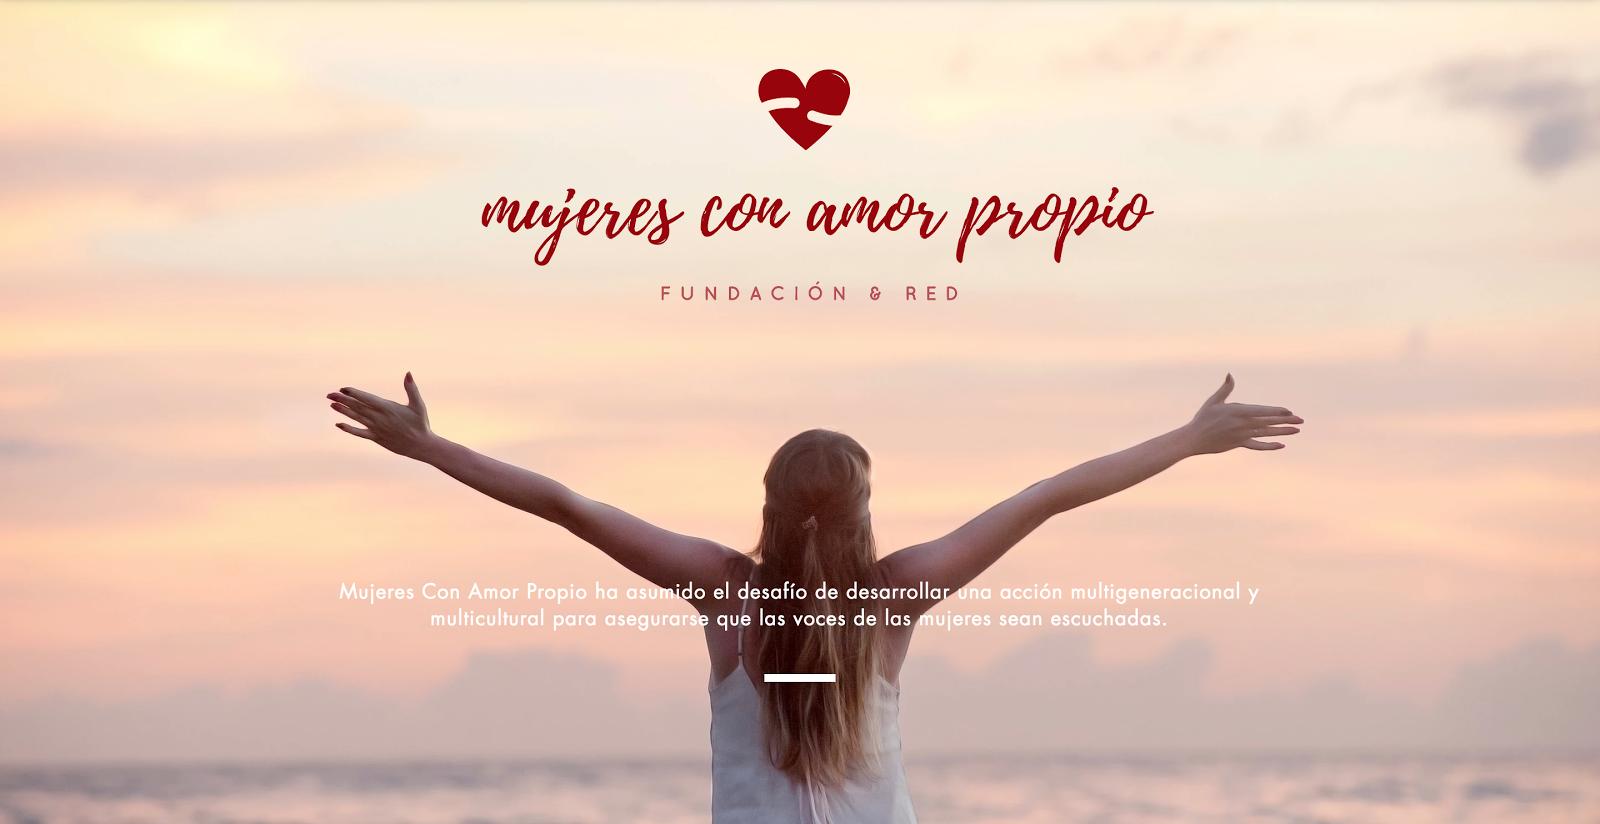 Mujeres Con Amor Propio